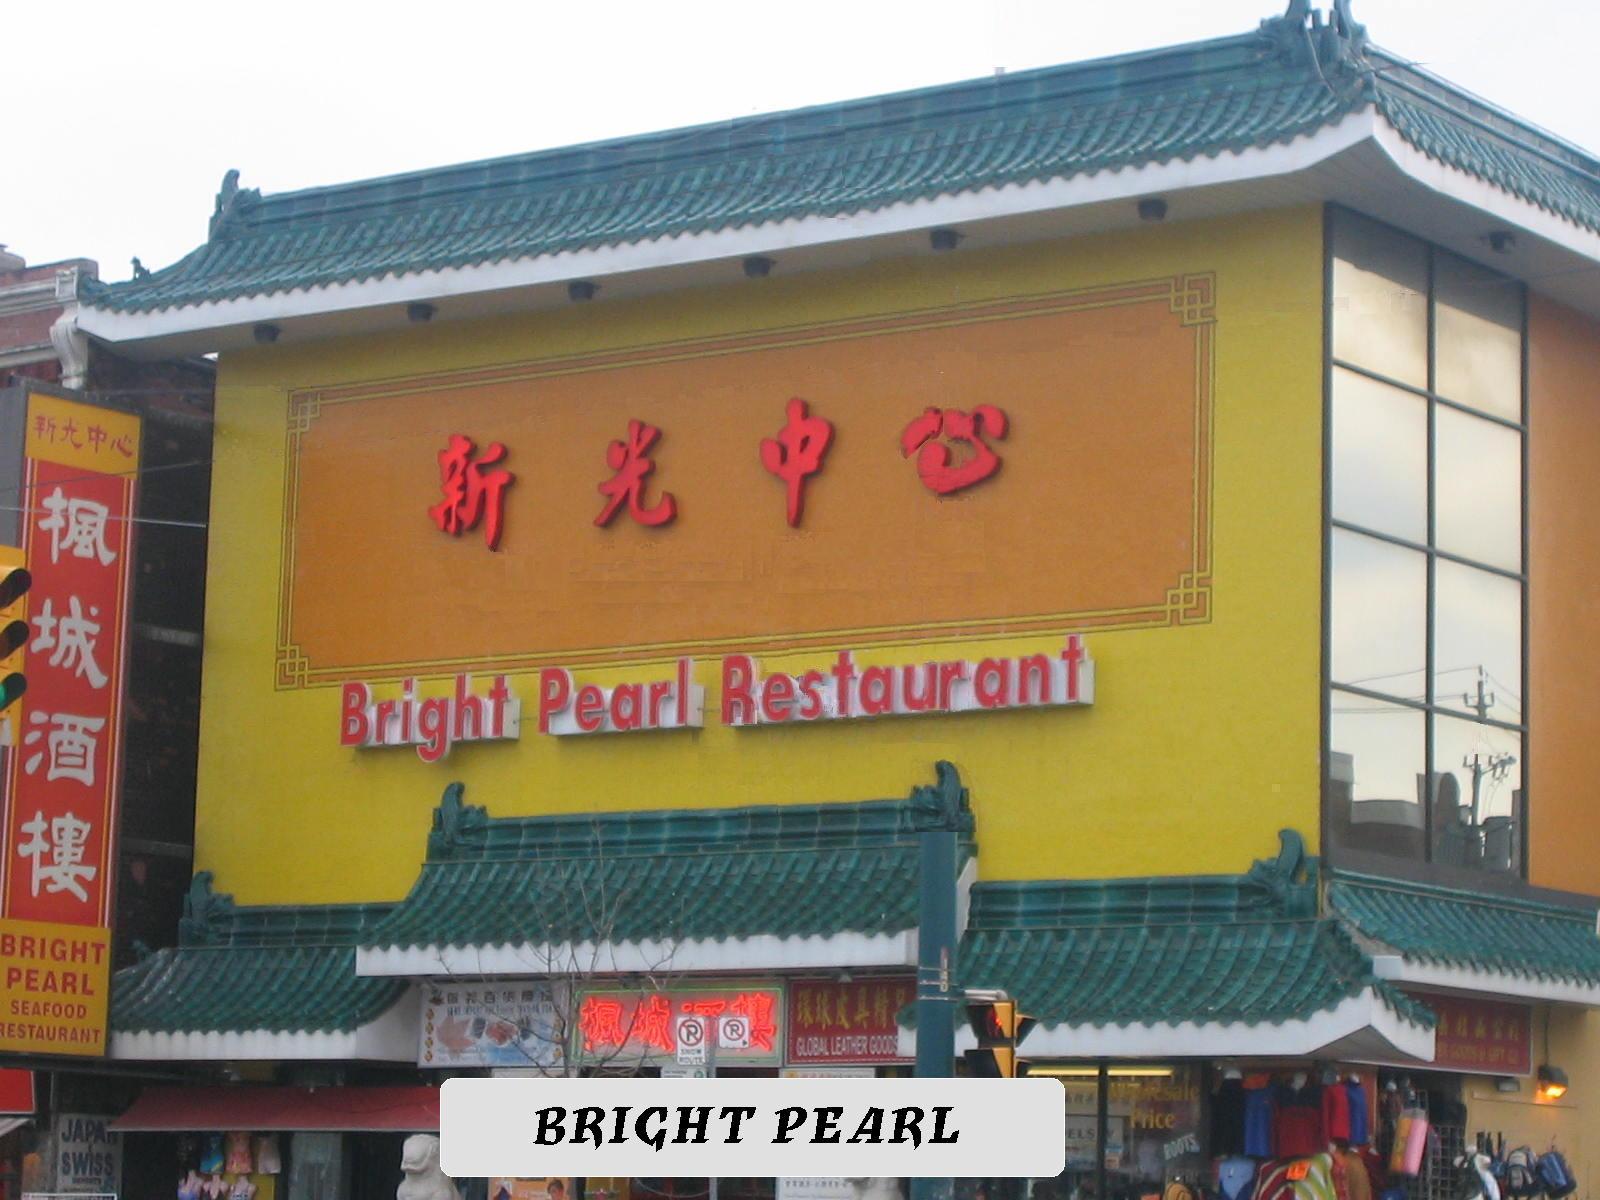 Bright Pearl